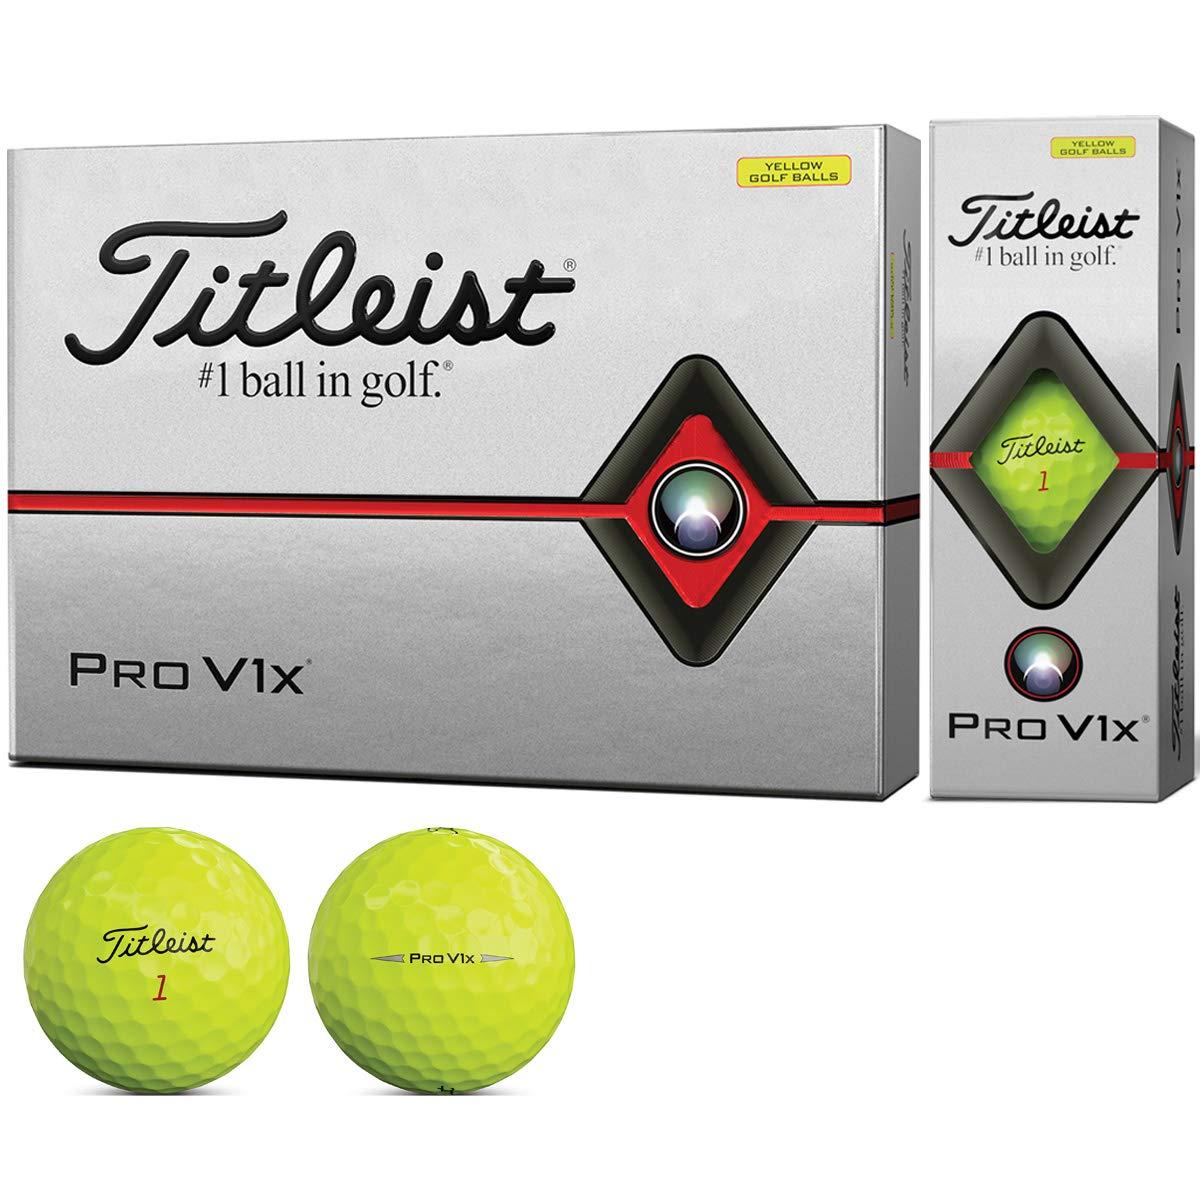 複製するアスリート地域タイトリスト(TITLEIST) ゴルフボール 2019 Pro V1X ローナンバー イエロー ユニセックス T2146S-J イエロー